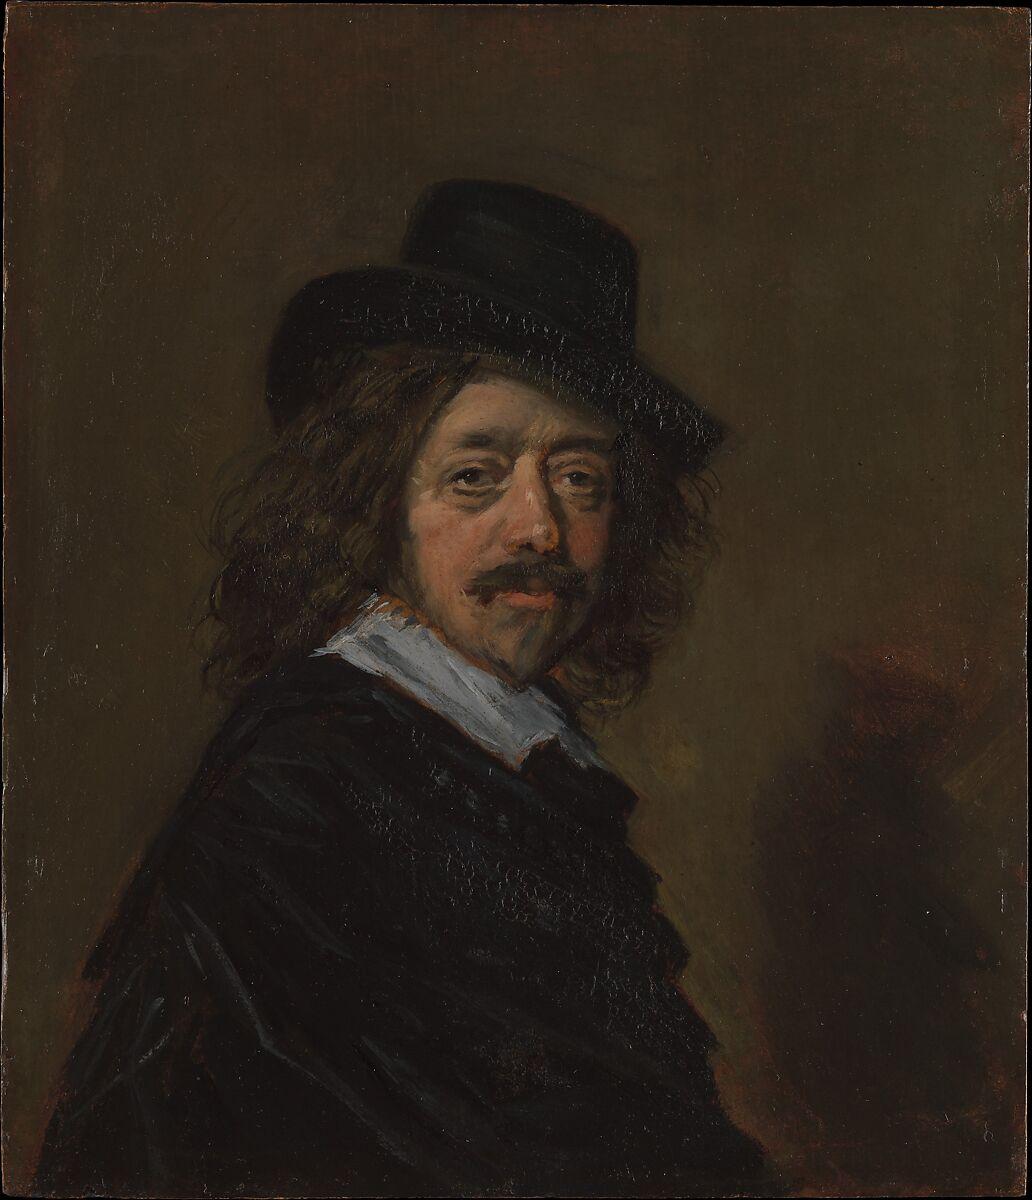 フランス・ハルス(1582 / 83–1666)、フランス・ハルス(オランダ、17世紀)の後にコピー、木に油彩